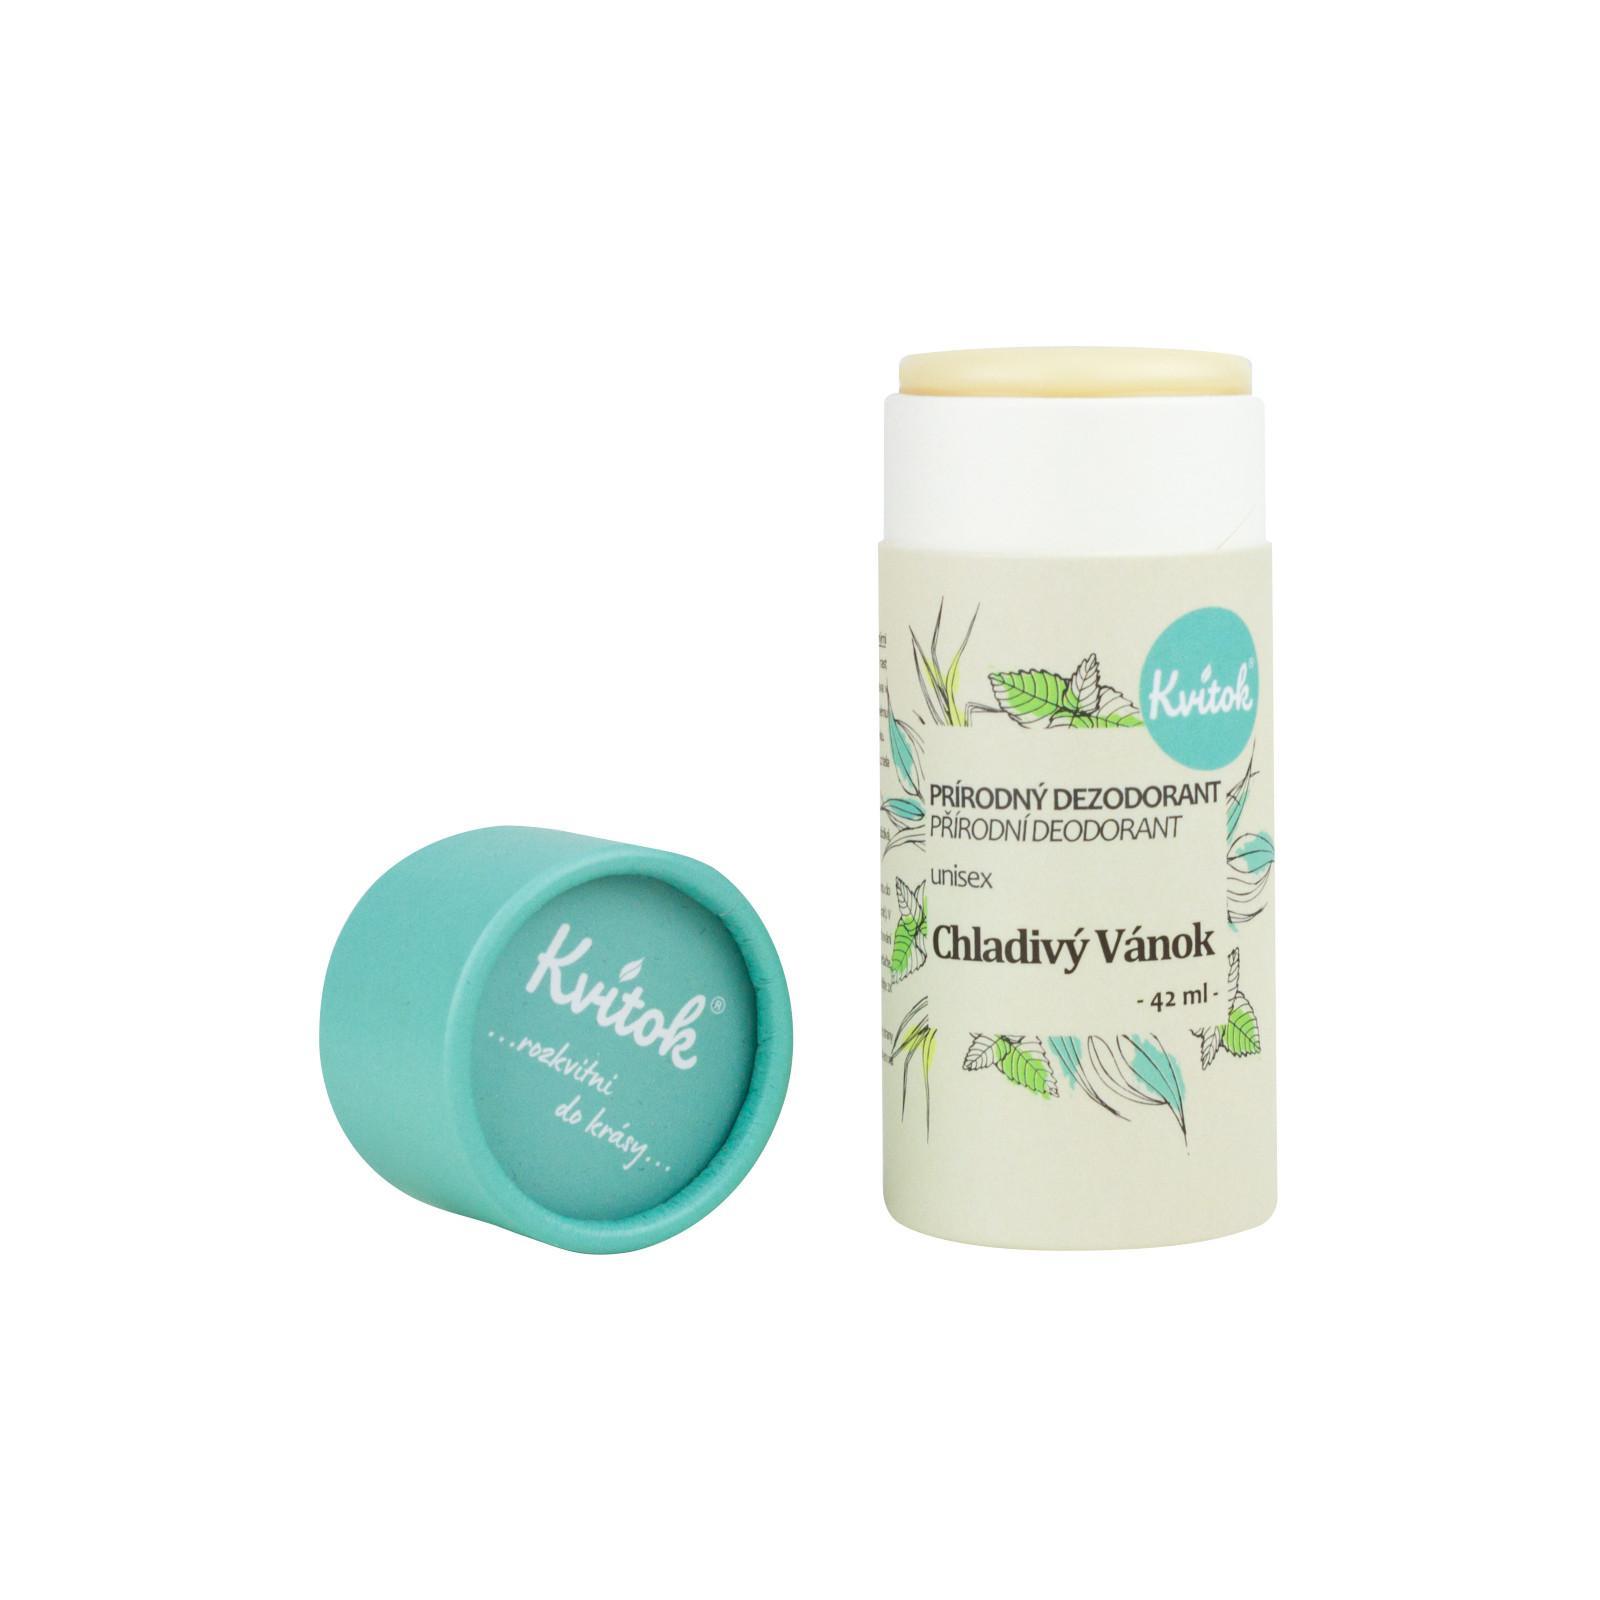 Kvitok Přírodní deodorant unisex, Chladivý vánek 42 ml